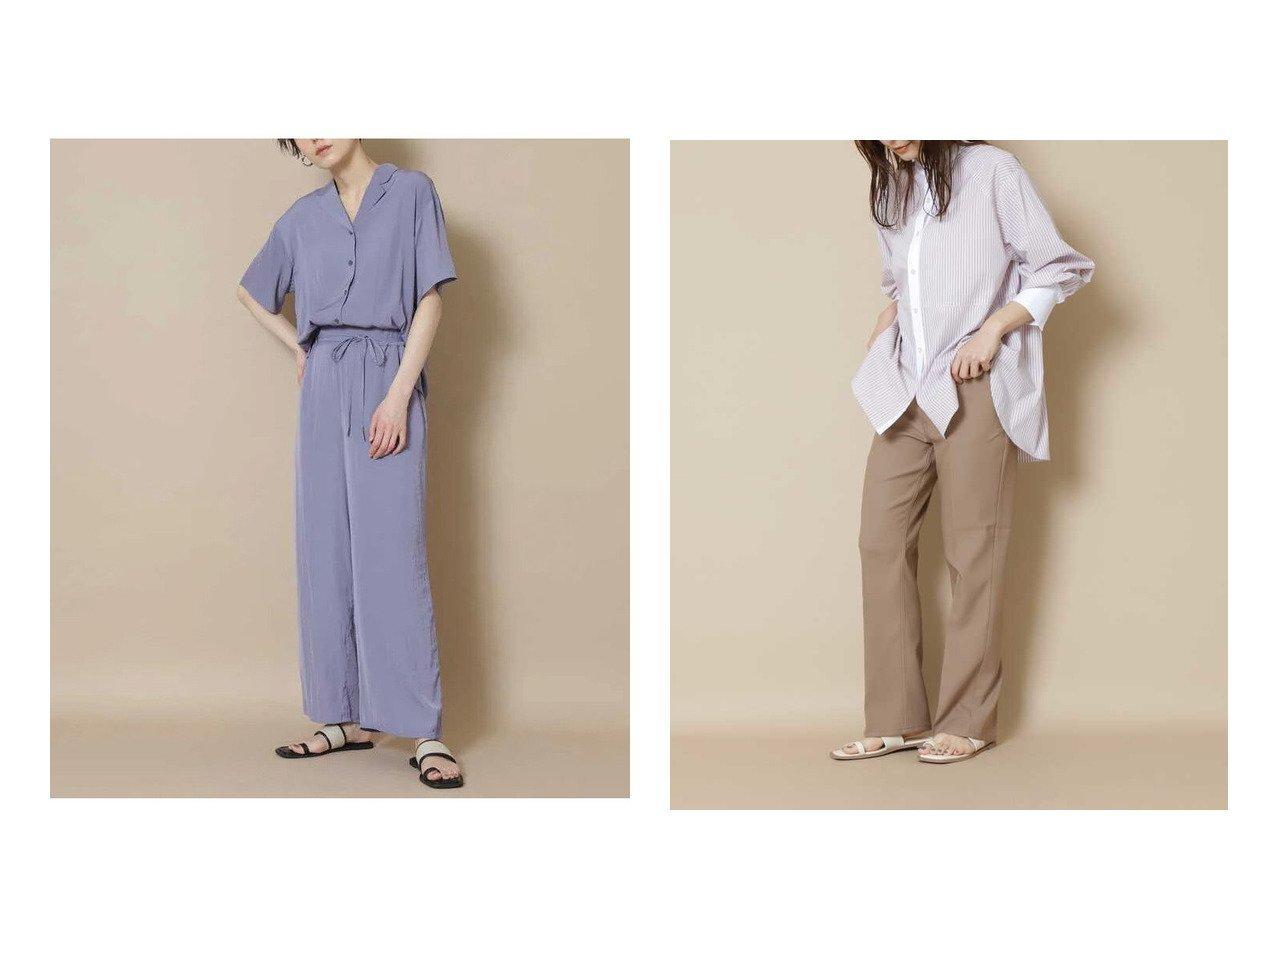 【N.Natural Beauty basic/エヌ ナチュラルビューティーベーシック】の【Wrangler】WRANCHER DRESS パンツ&パウダーサテンパンツ 【パンツ】おすすめ!人気、トレンド・レディースファッションの通販   おすすめで人気の流行・トレンド、ファッションの通販商品 インテリア・家具・メンズファッション・キッズファッション・レディースファッション・服の通販 founy(ファニー) https://founy.com/ ファッション Fashion レディースファッション WOMEN パンツ Pants カットソー シェイプ シンプル センター フレア エアリー サテン ストレート セットアップ パウダー フィット リボン リラックス ワイド |ID:crp329100000050269